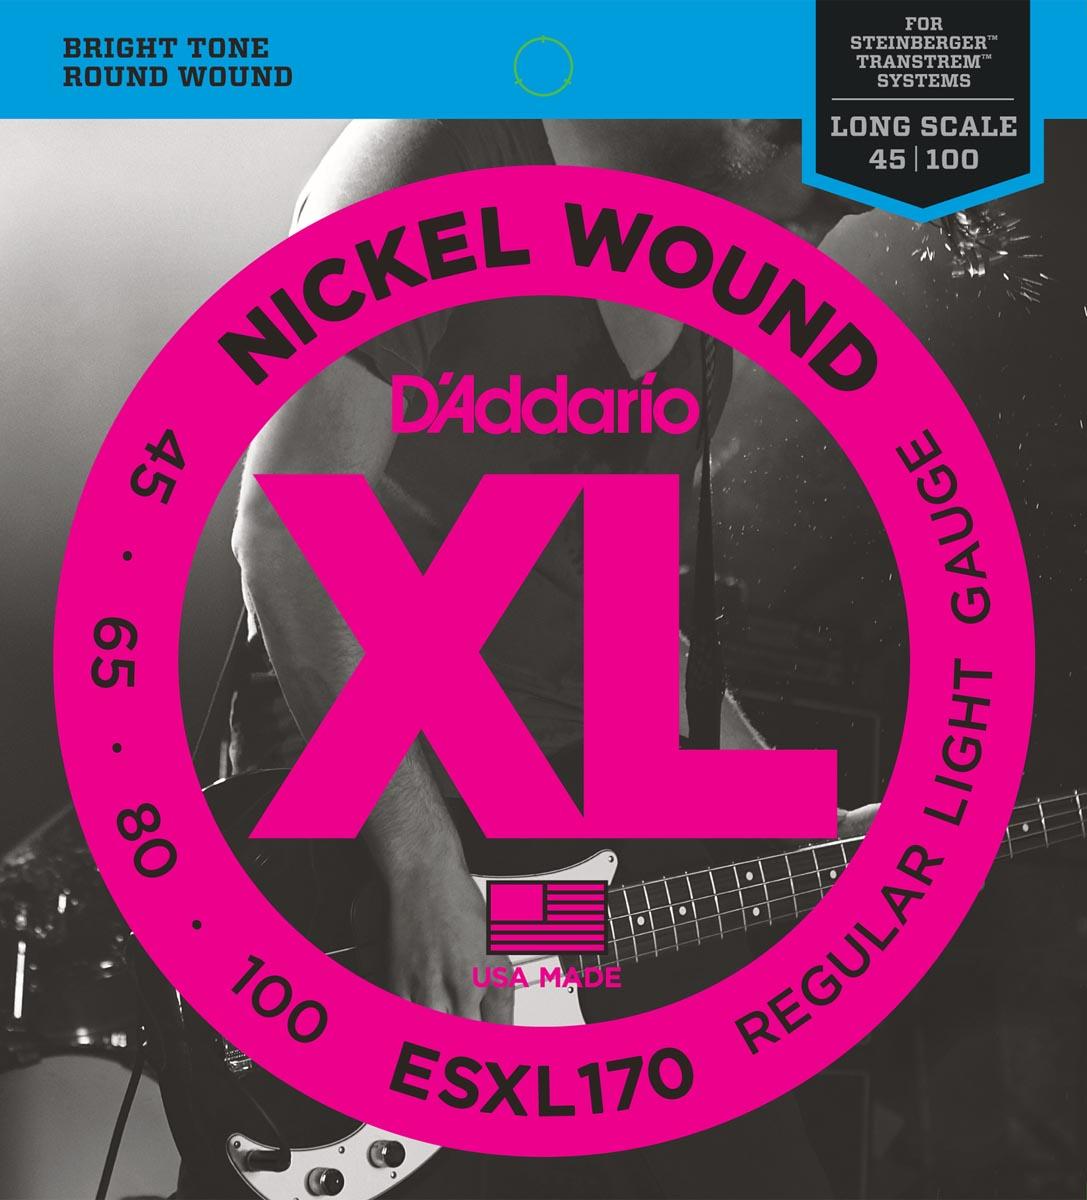 DADDARIO ESXL170 XL NICKEL WOUND DOBLE BOLA [45-100]